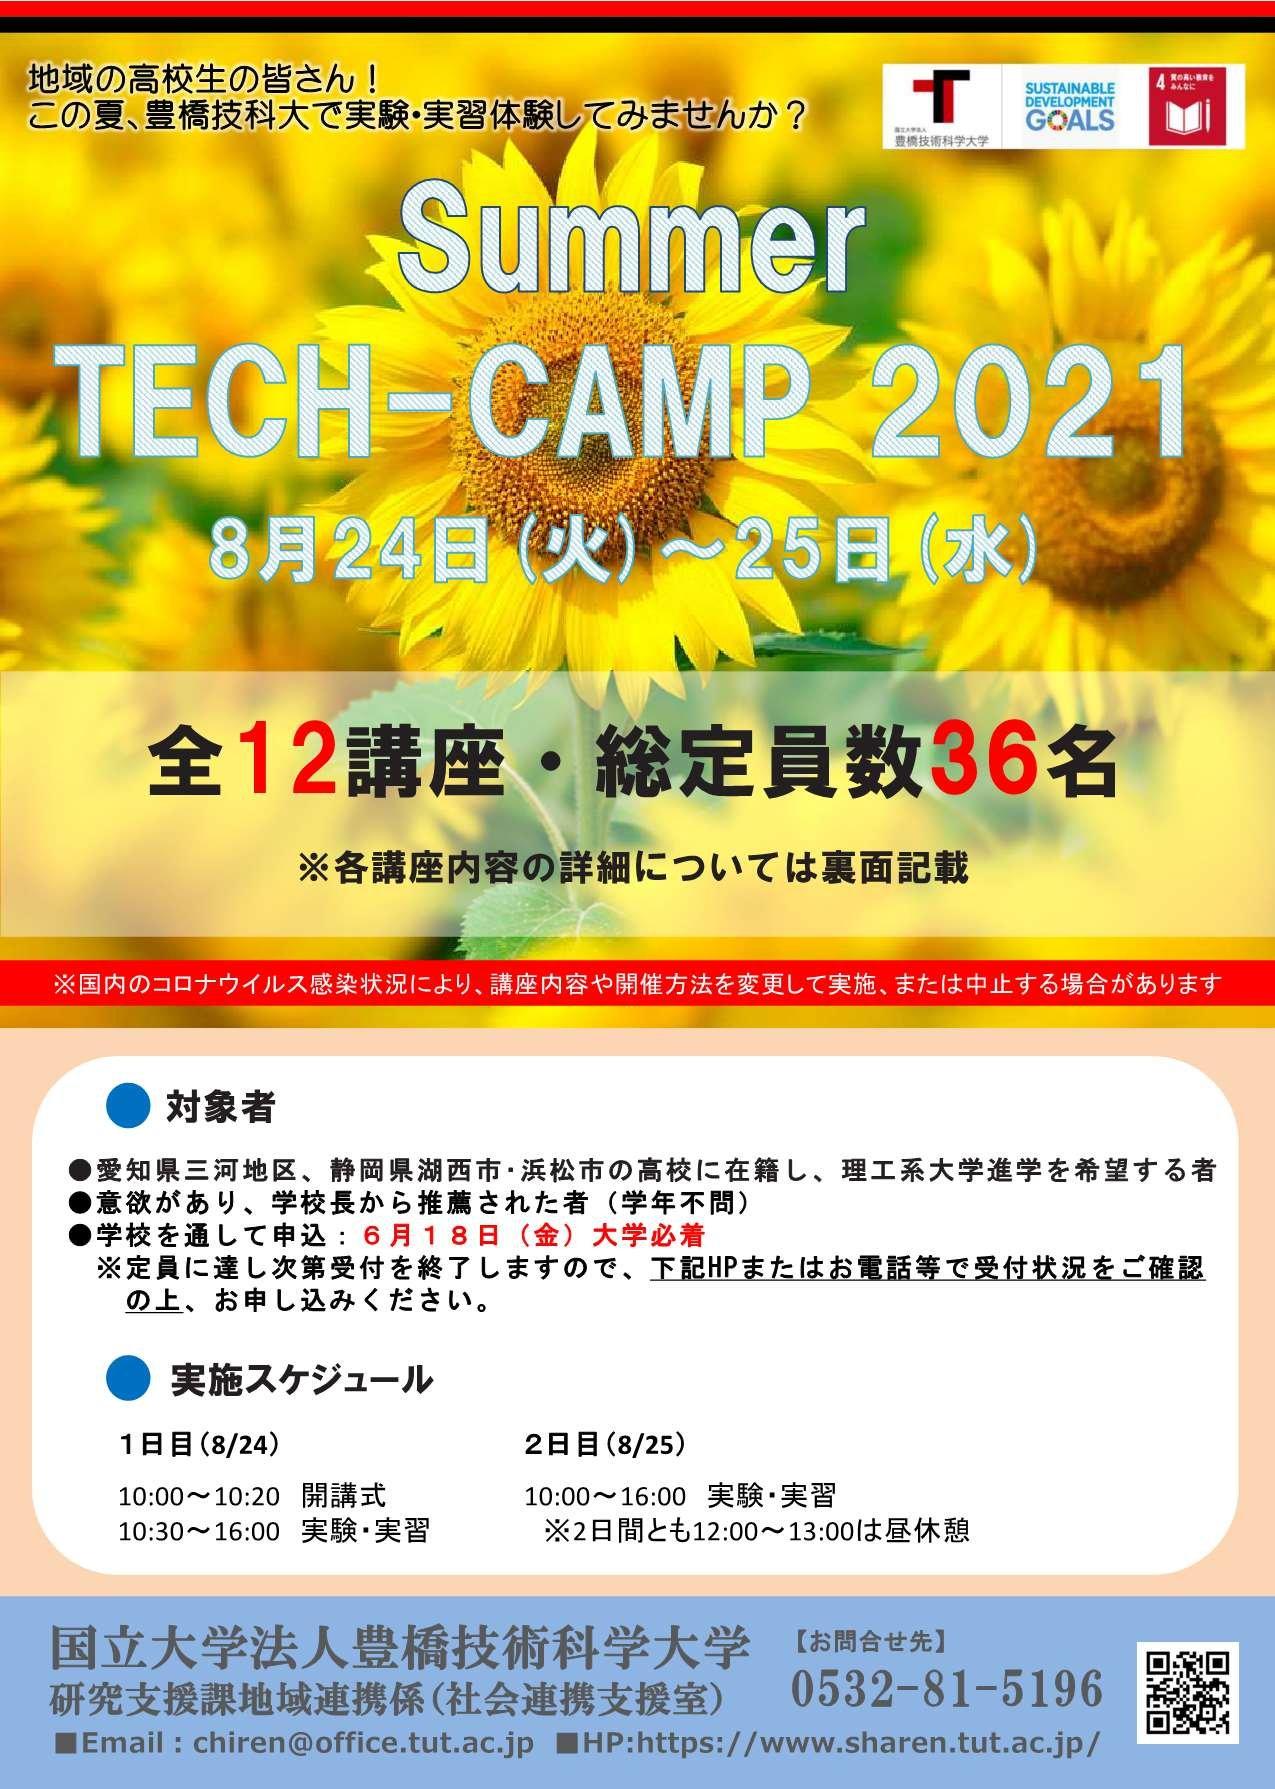 「豊橋技術科学大学 Summer TECH-CAMP 2021」をオンラインで実施しました